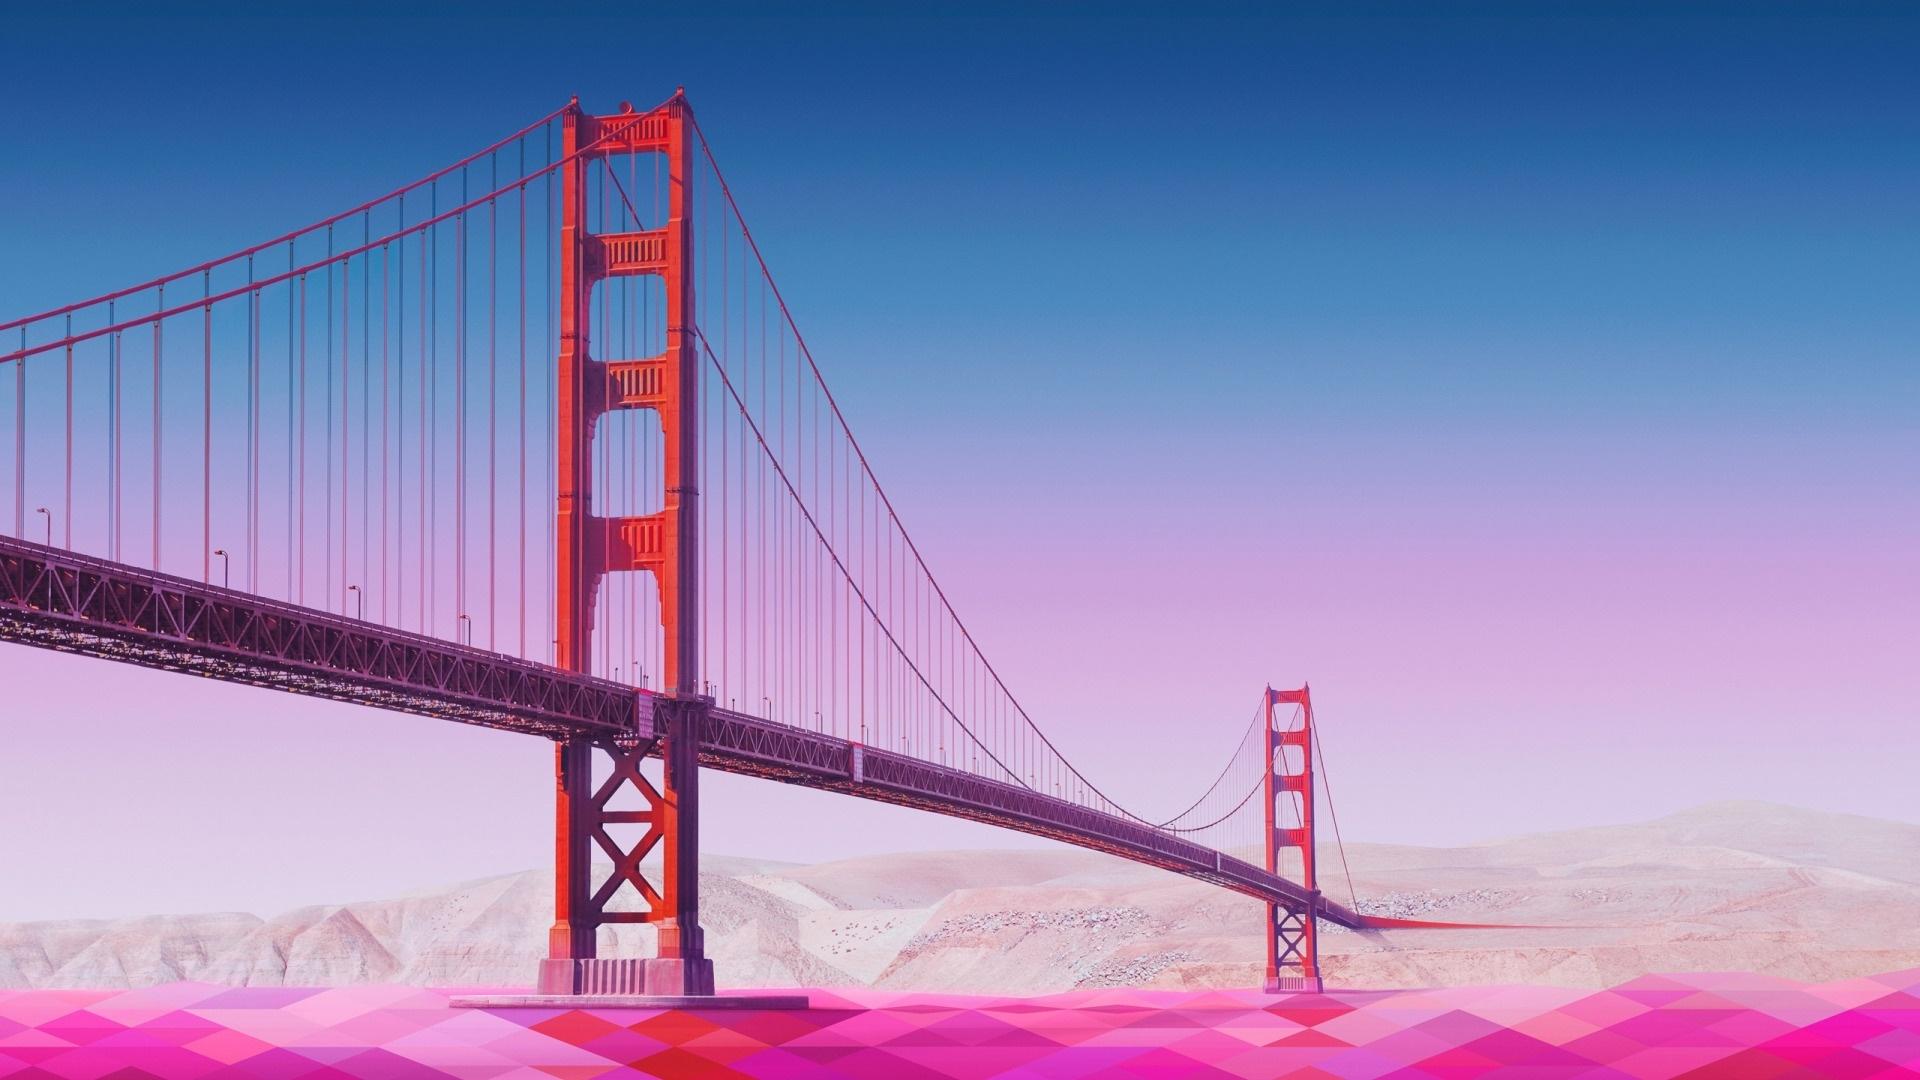 Bridge Art Picture